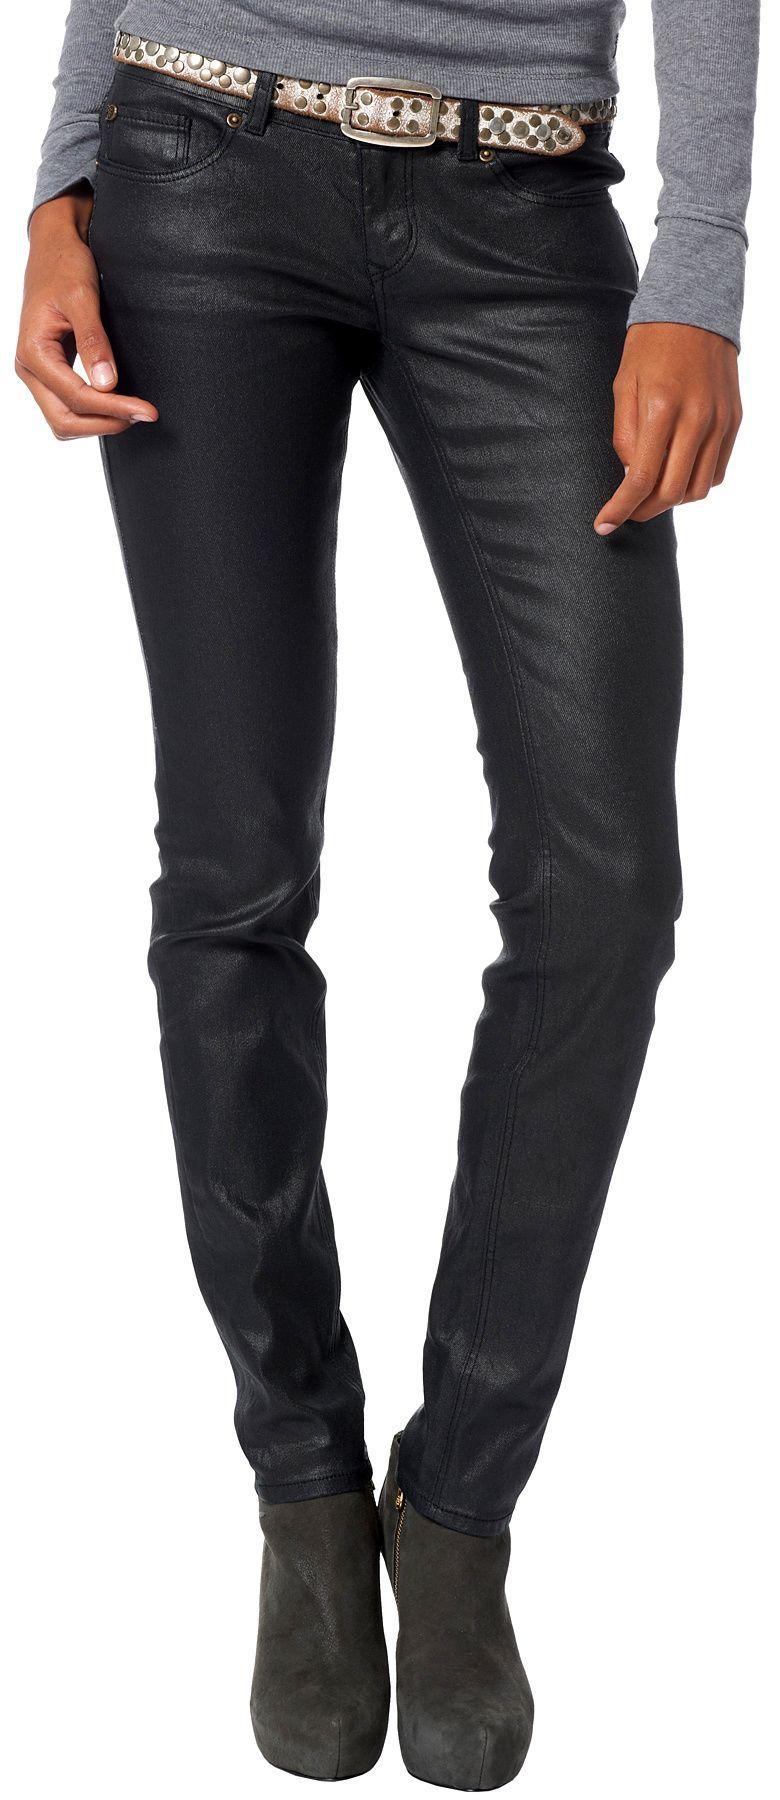 Tom Tailor E Shop Deutschland Mode Versandkostenfrei Bestellen Black Jeans Fashion Dress Up